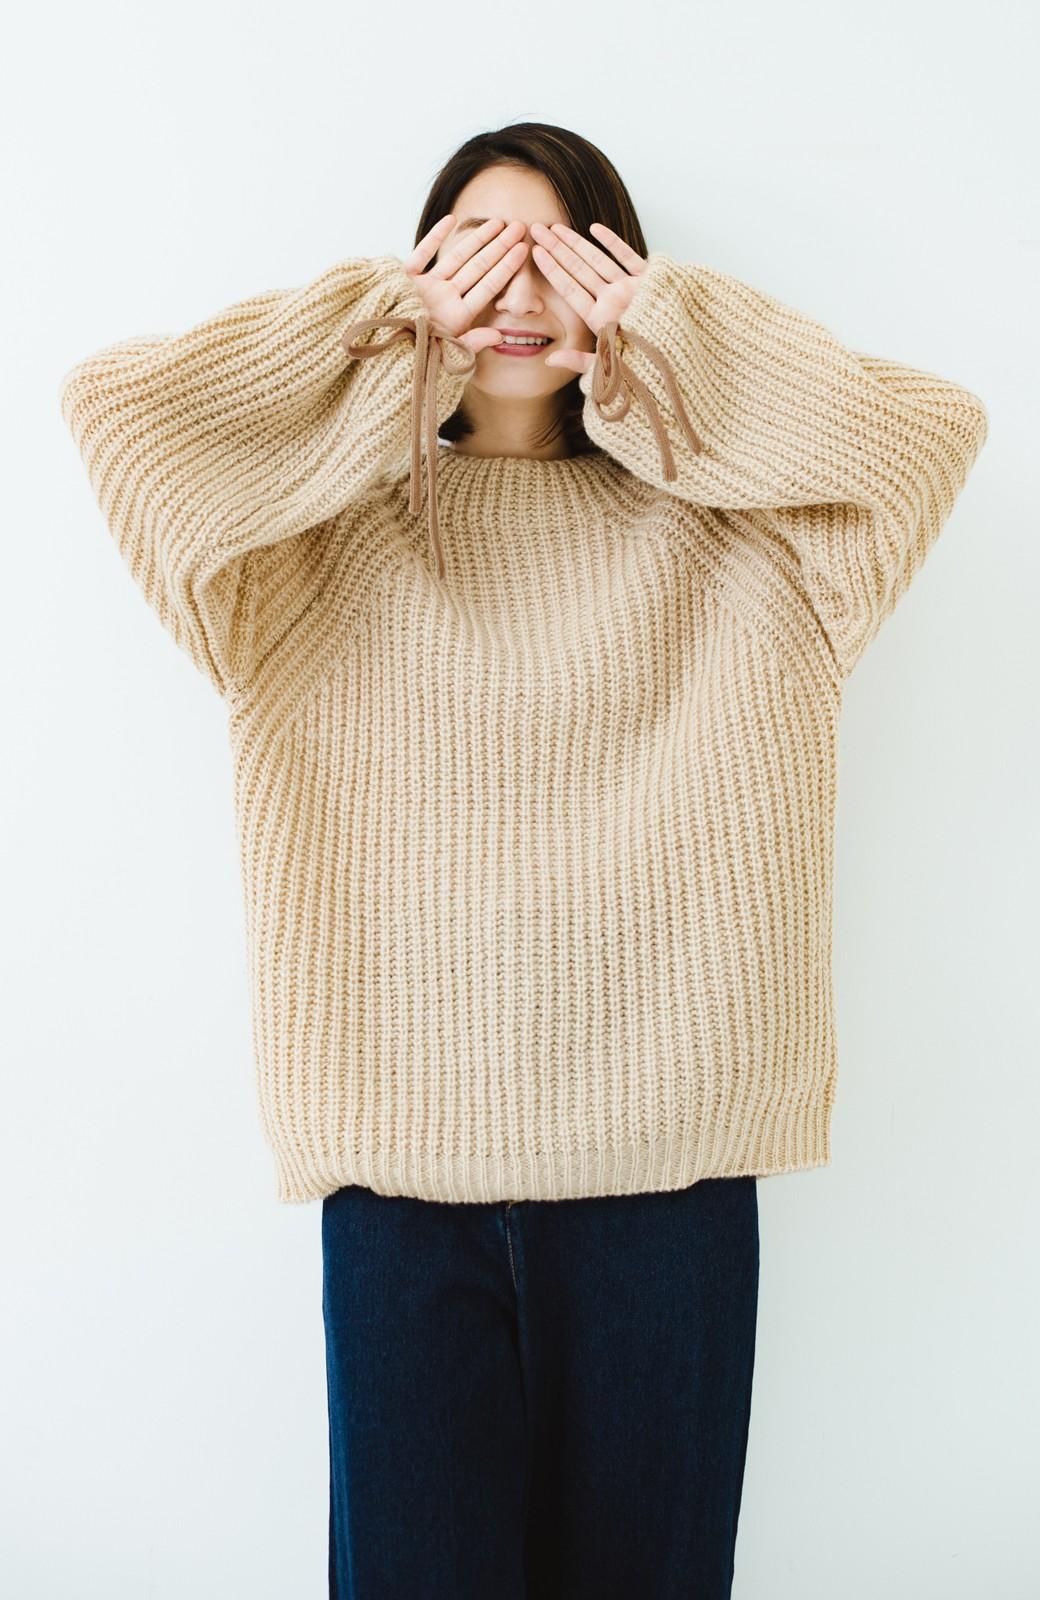 haco! ボリューム感が華奢見せさせる 袖リボンあぜ編みニット <ベージュ>の商品写真8